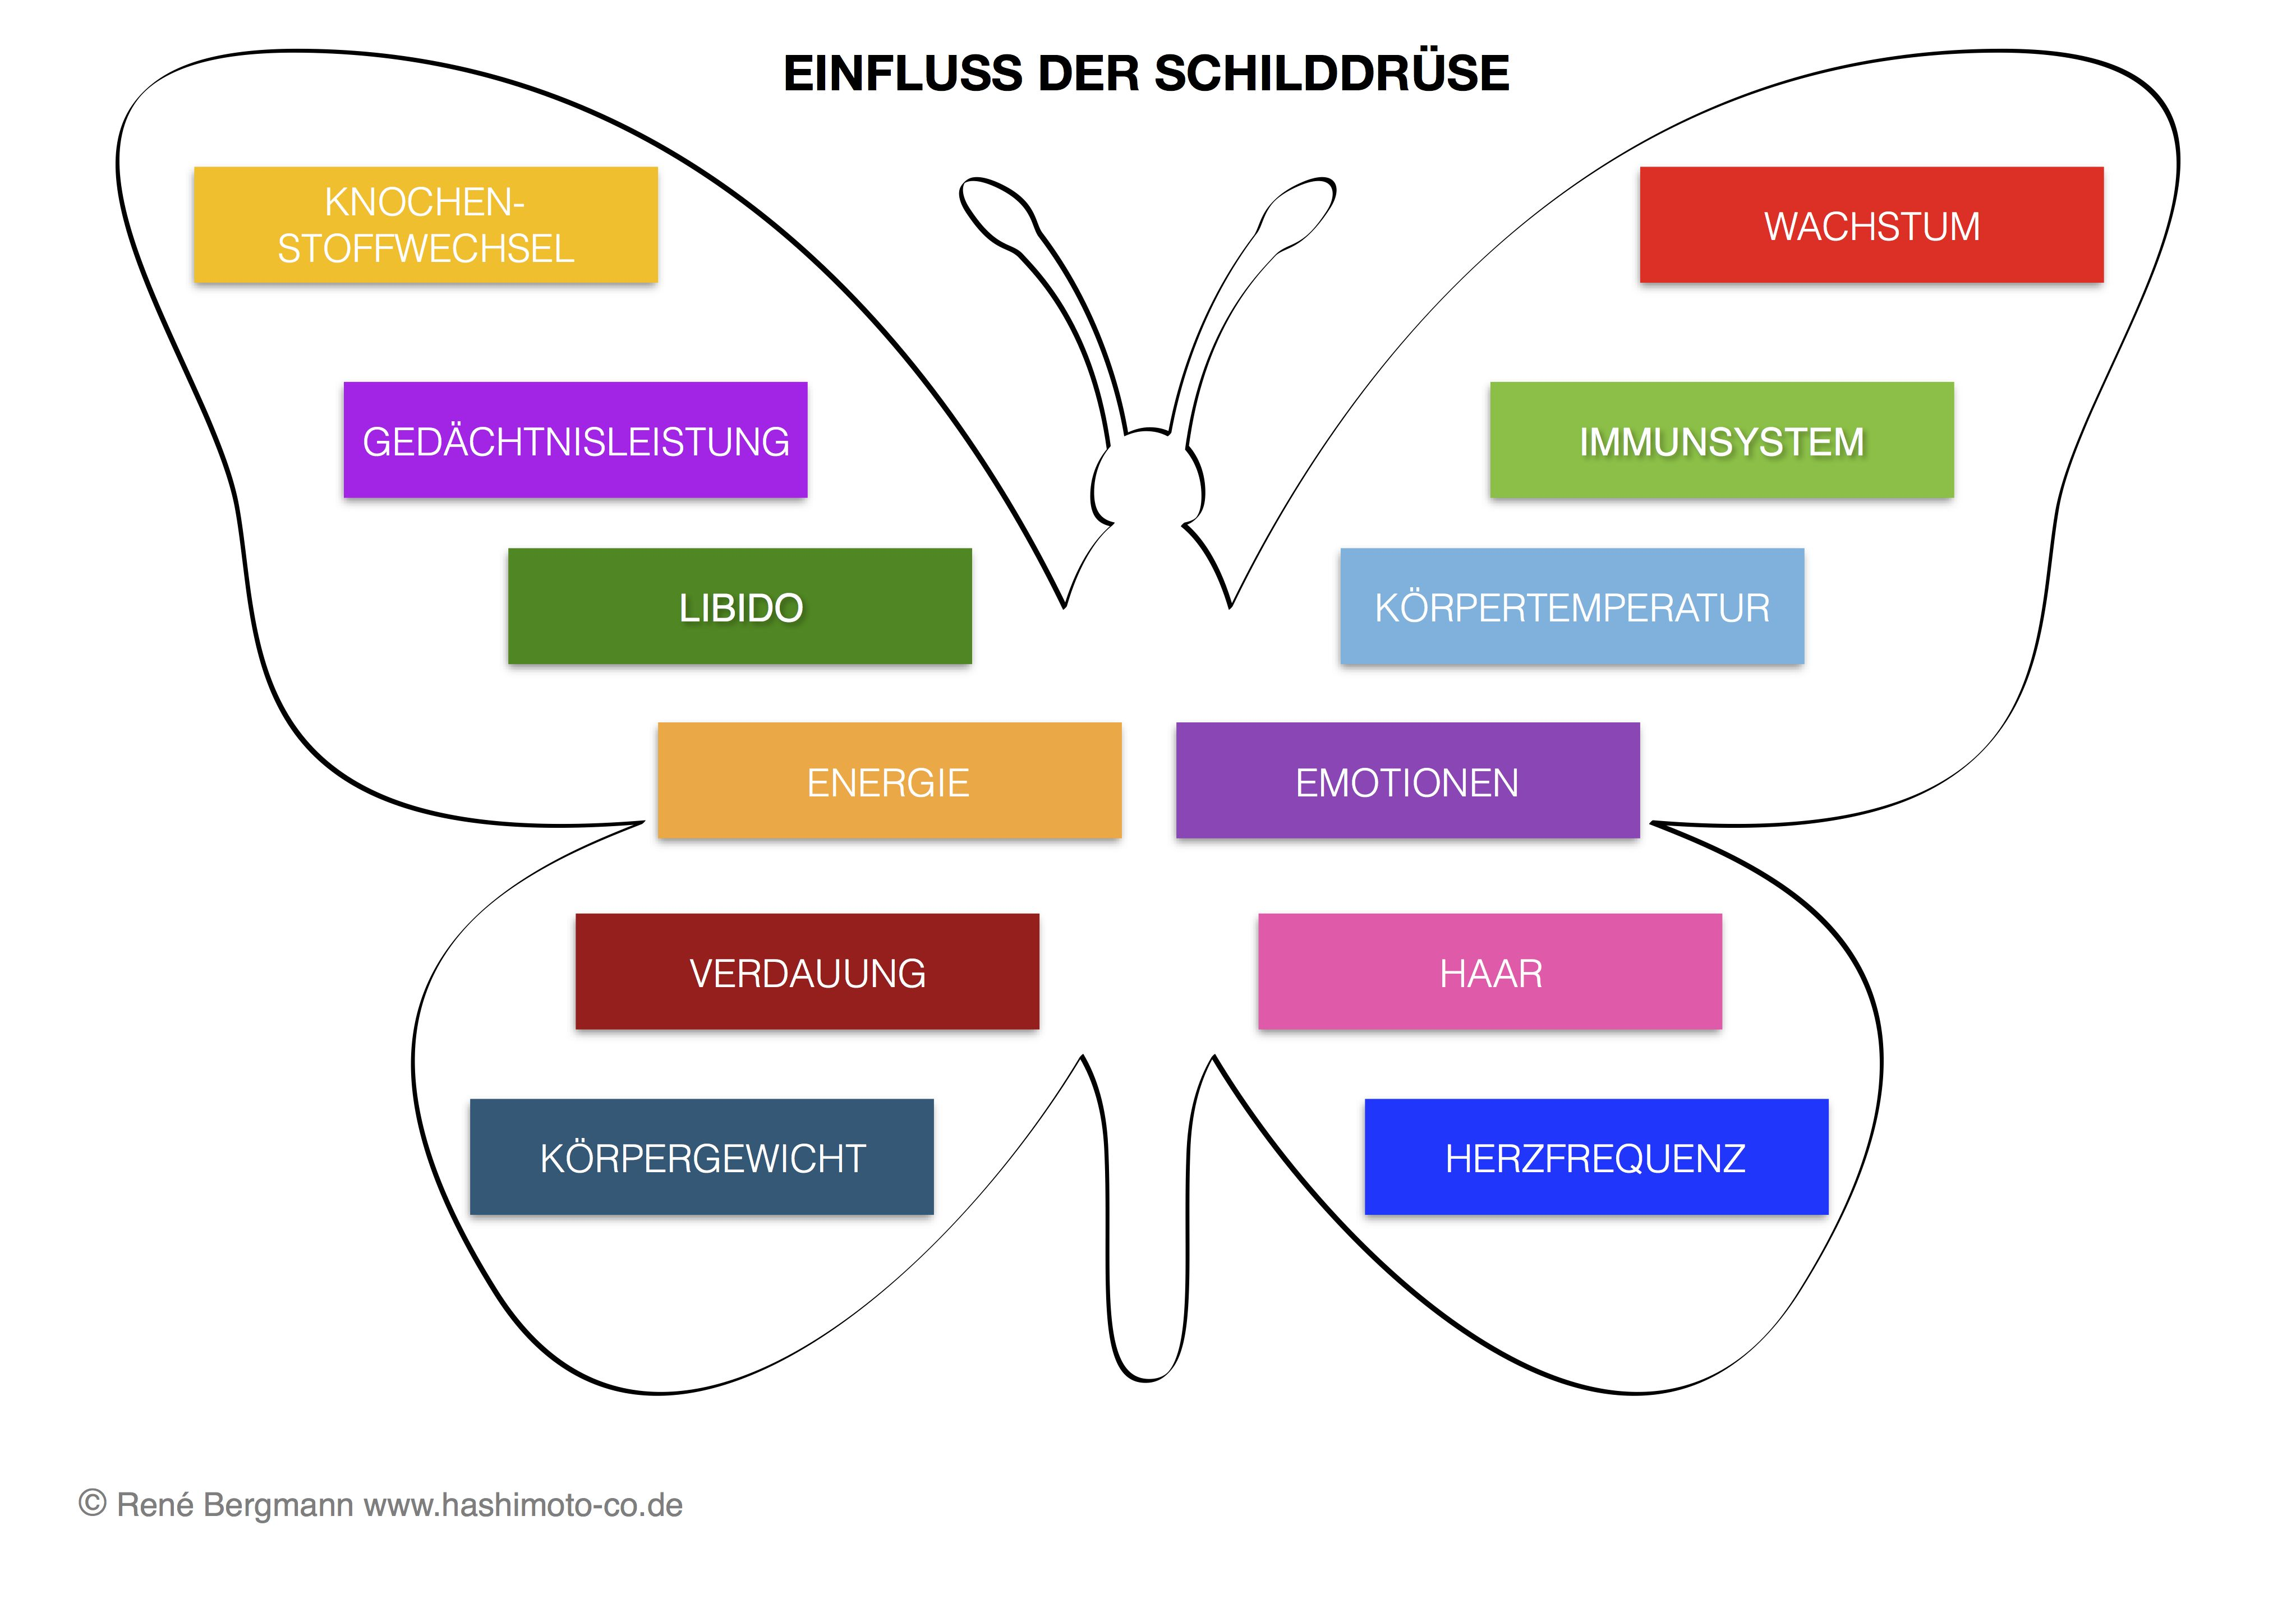 Hier ist ein Schema zum Einflussbereich der Schilddrüse abgebildet ...